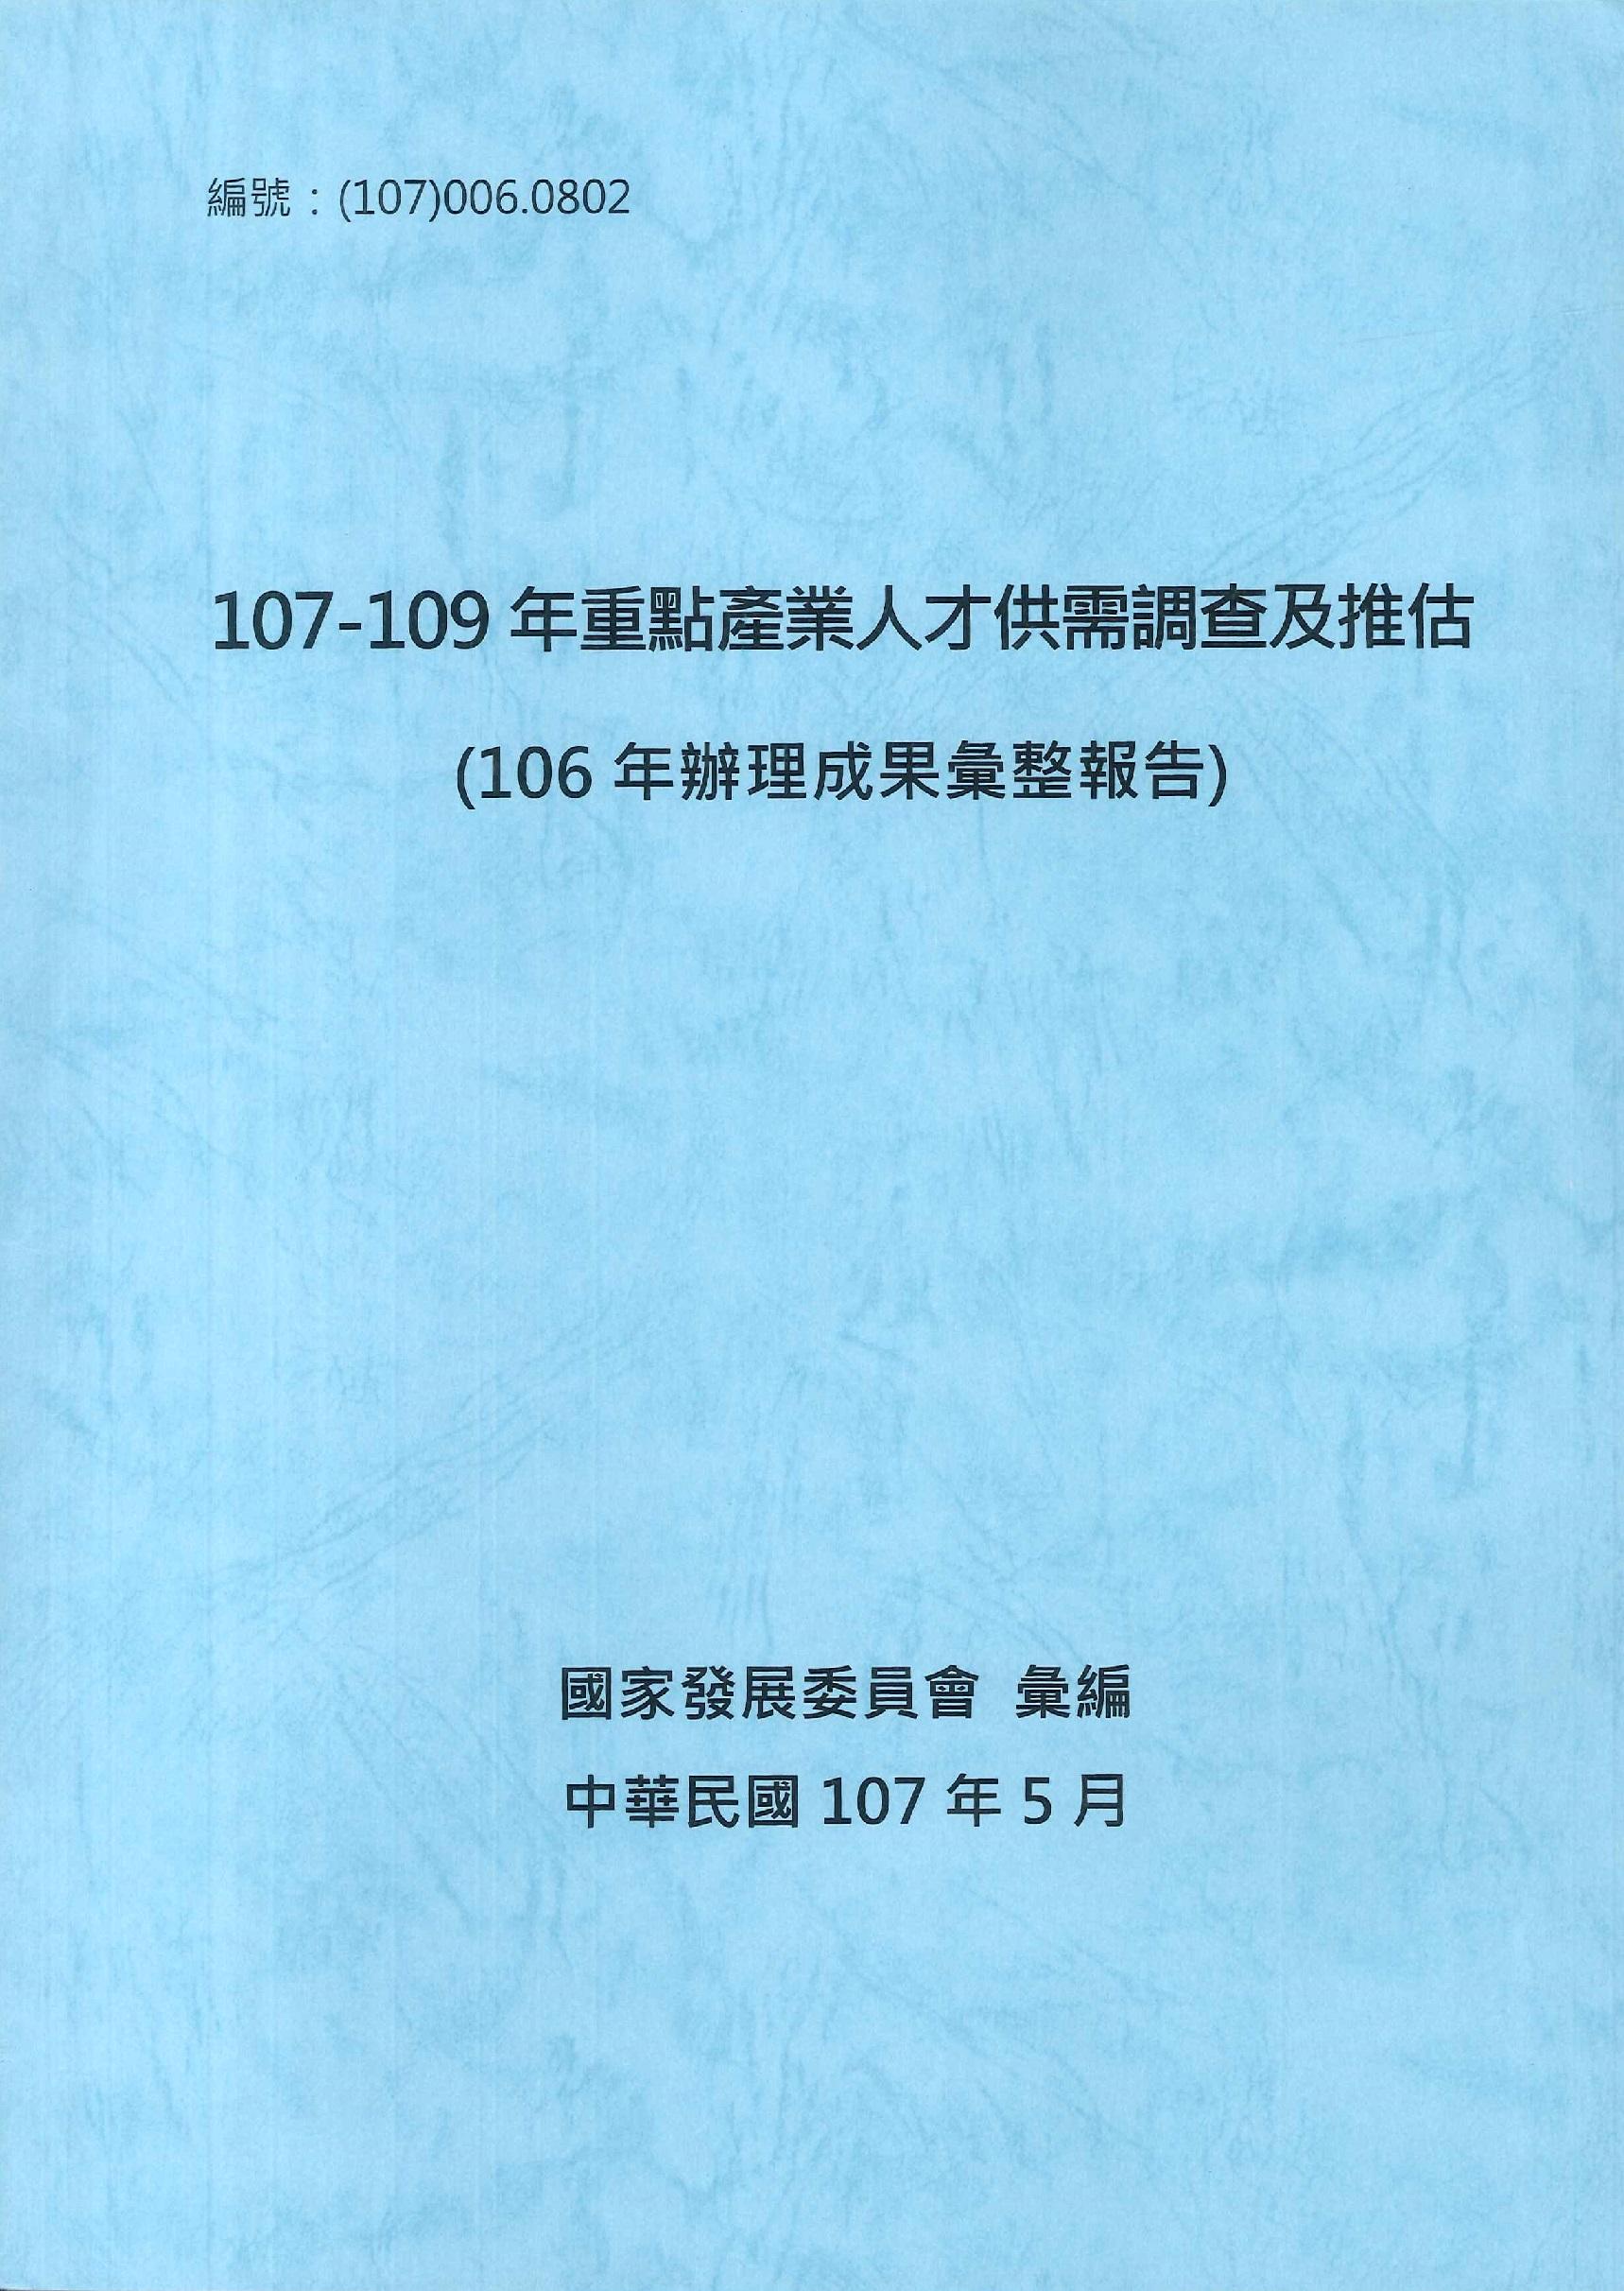 107-109年重點產業人才供需調查及推估:106年辦理成果彙整報告